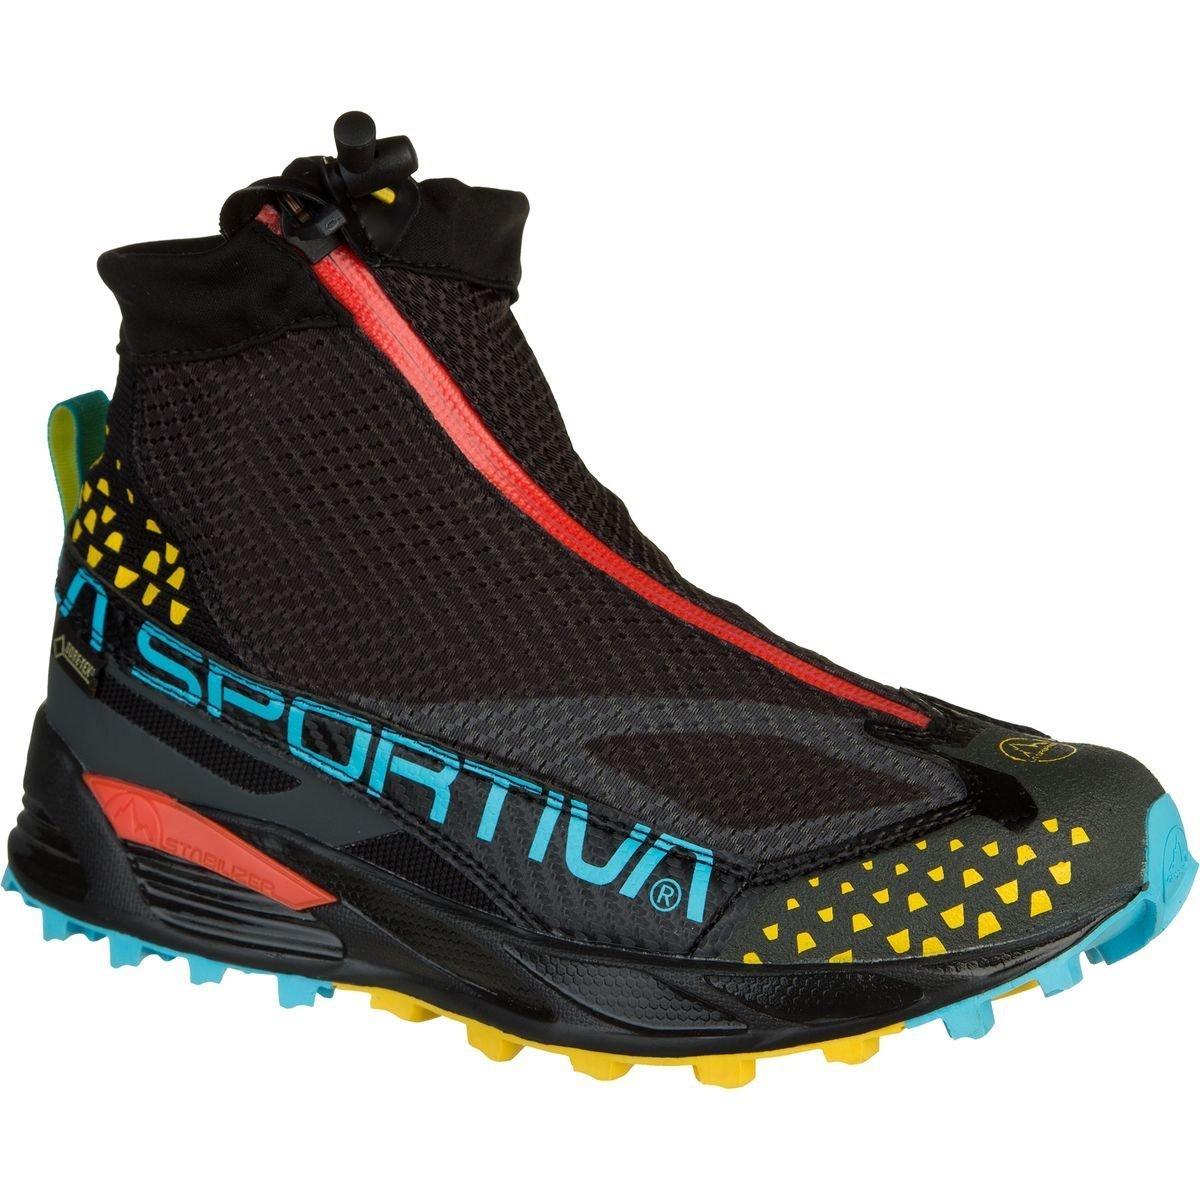 La Sportiva Crossover 2.0 GTX Waterproof Mountain Running Shoe for Women 26U